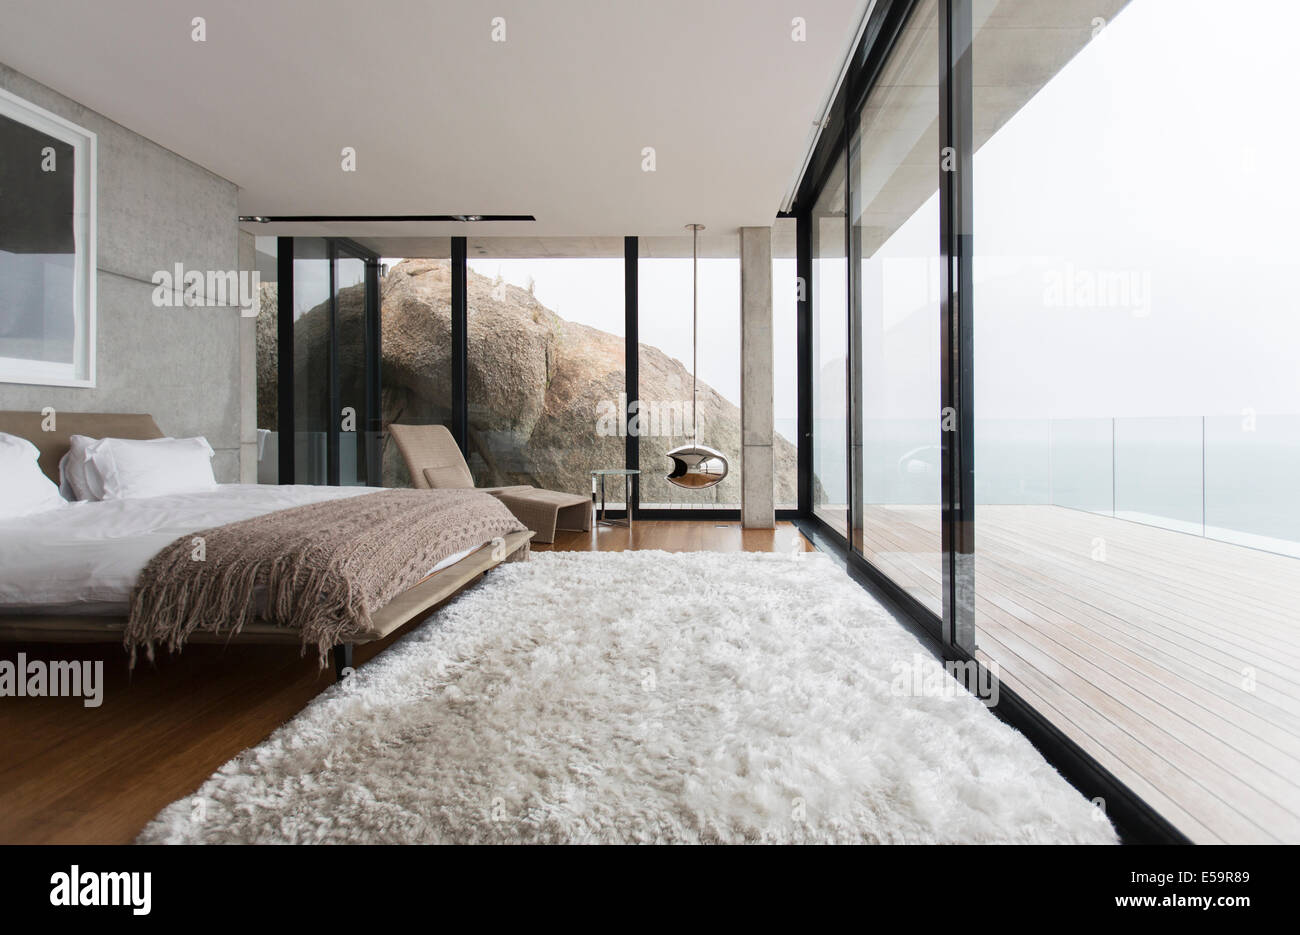 Shag Teppich Und Glas Wände In Modernen Schlafzimmer